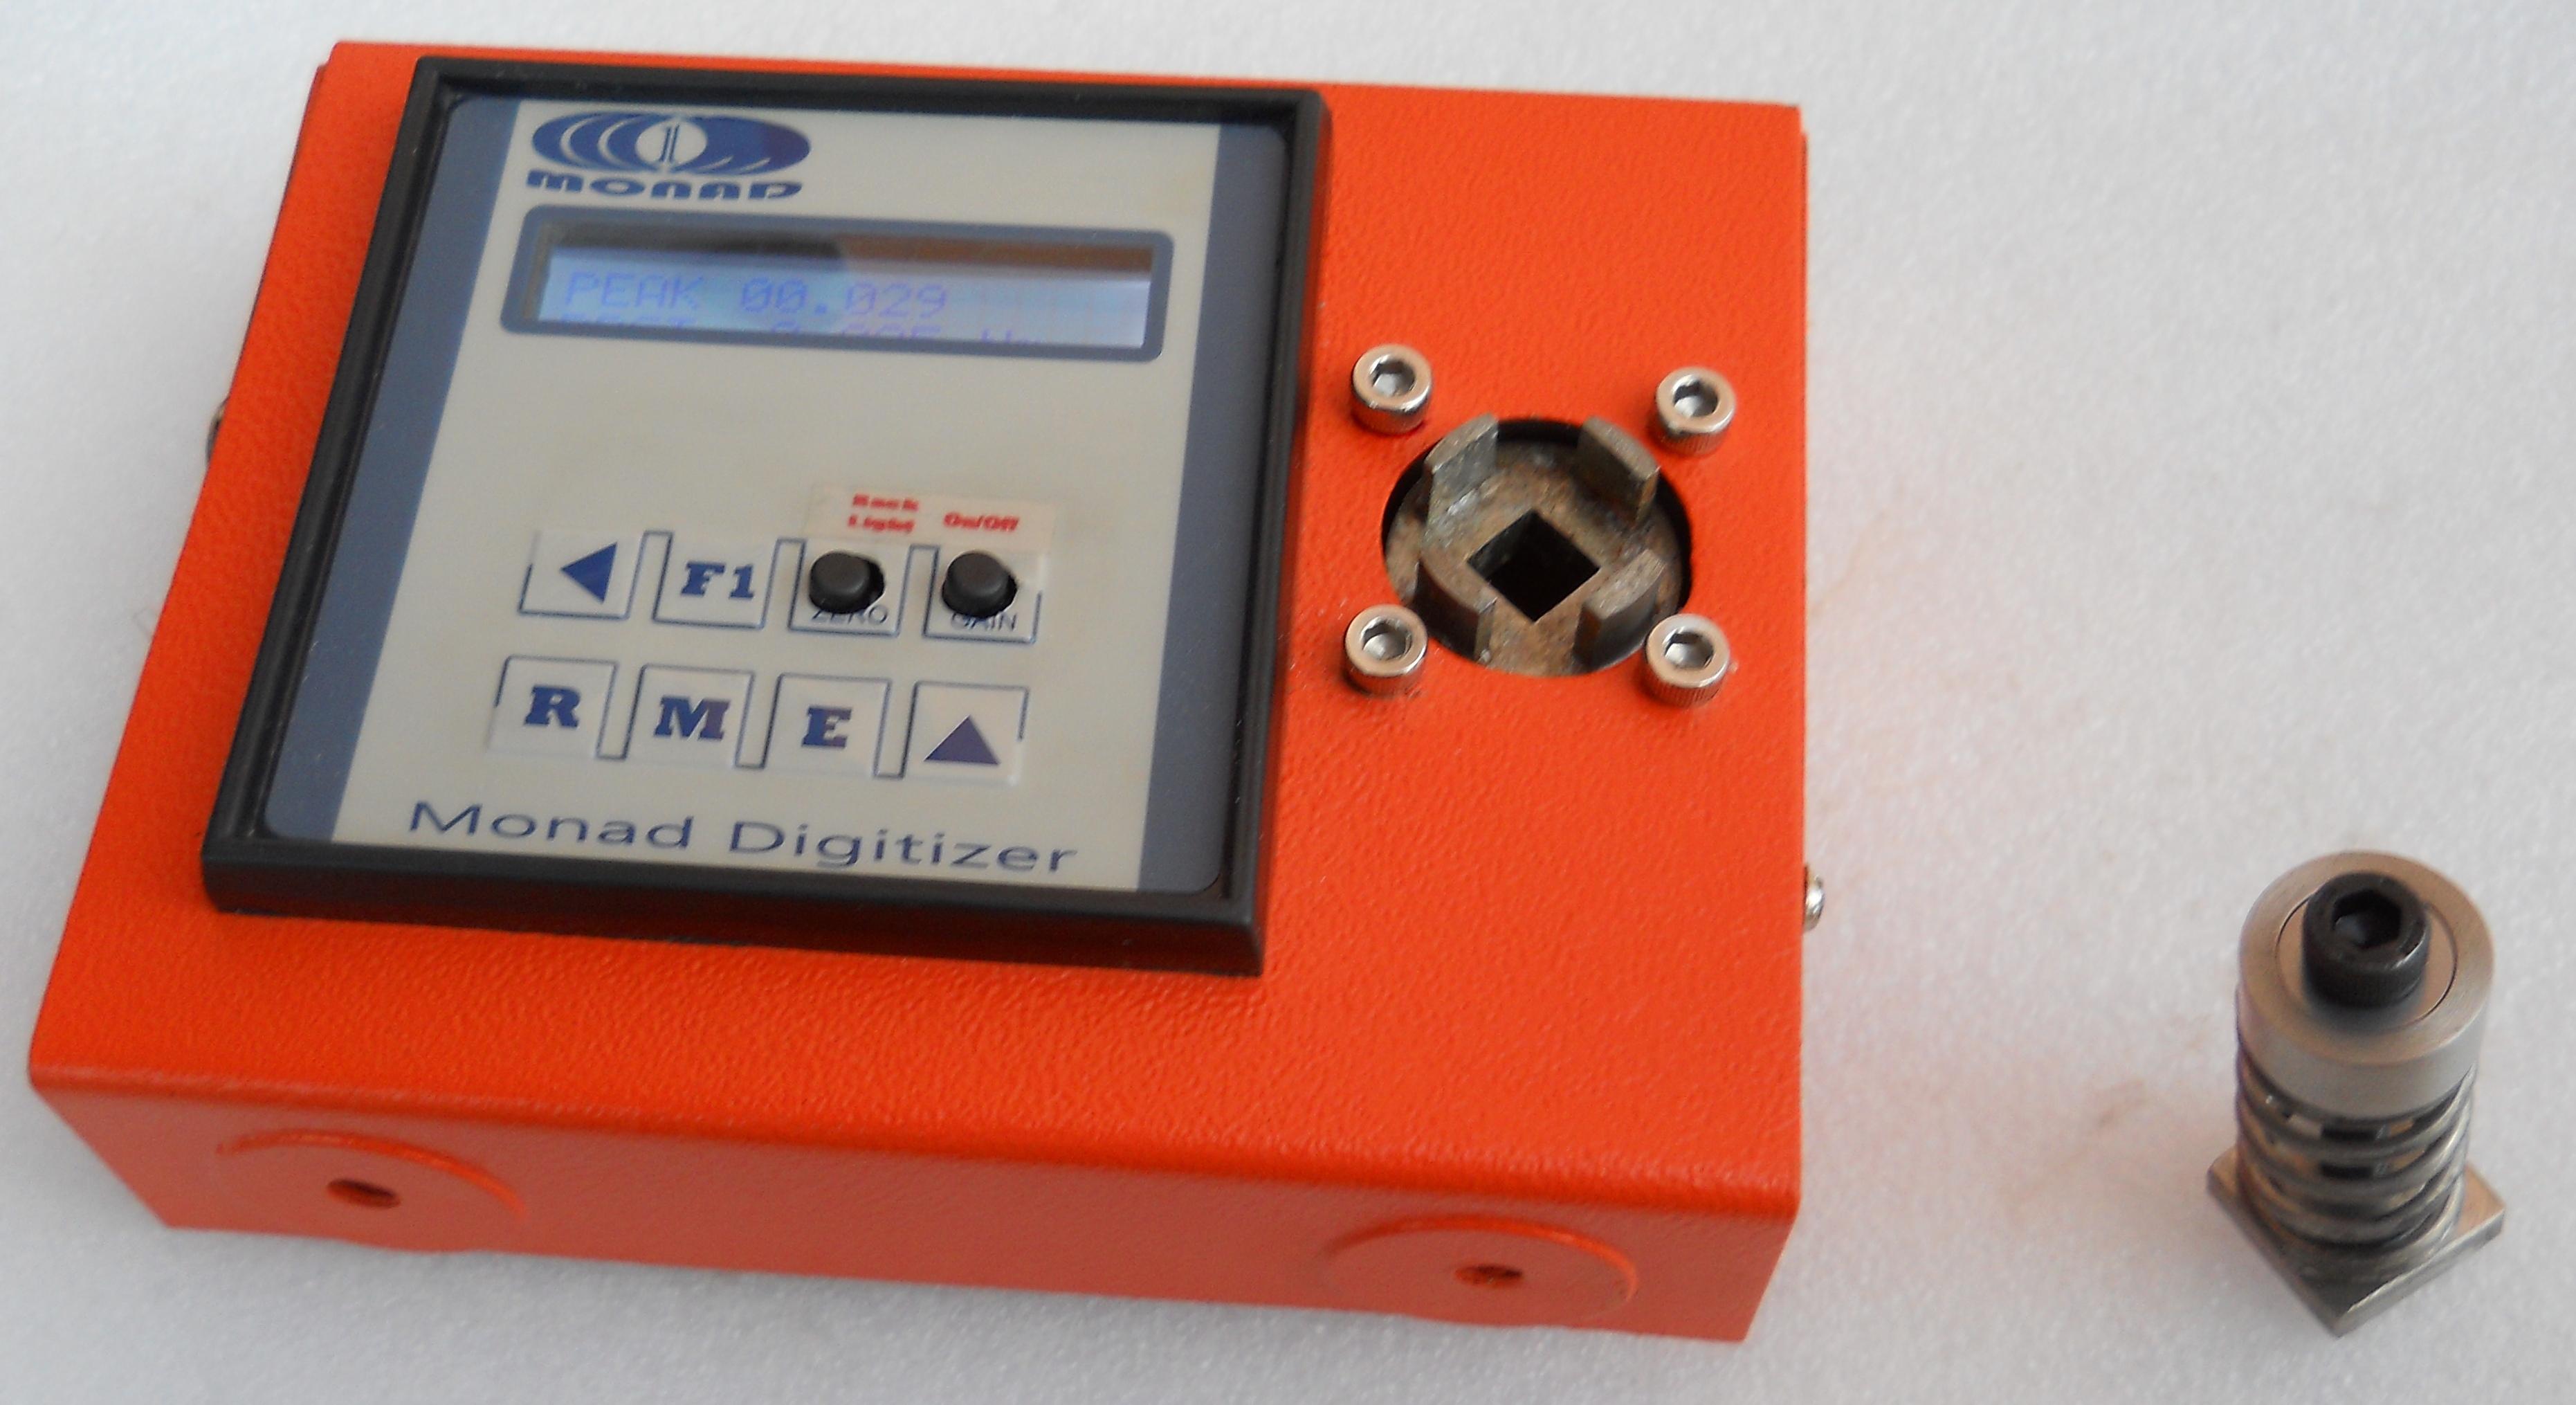 MTC Series Digital Torque Meter